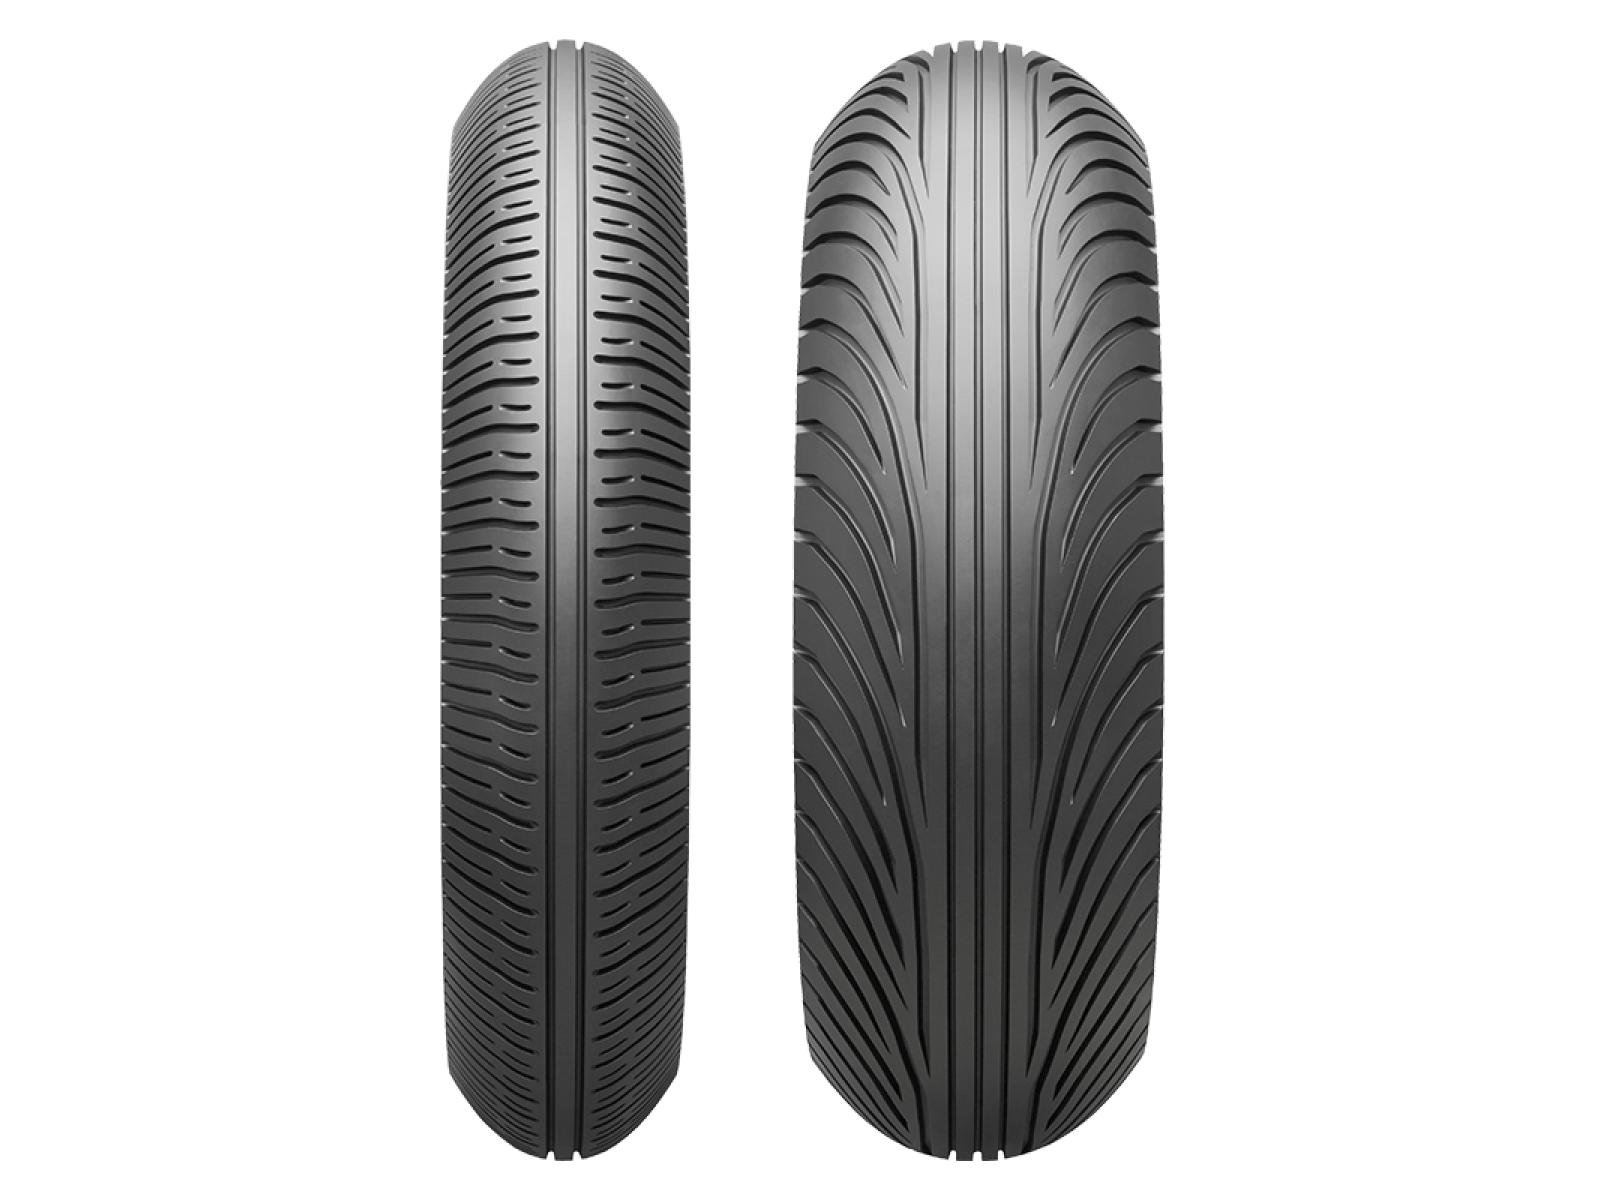 Мотошина задняя Bridgestone 190/650 R17 W01R TL SBK 2018